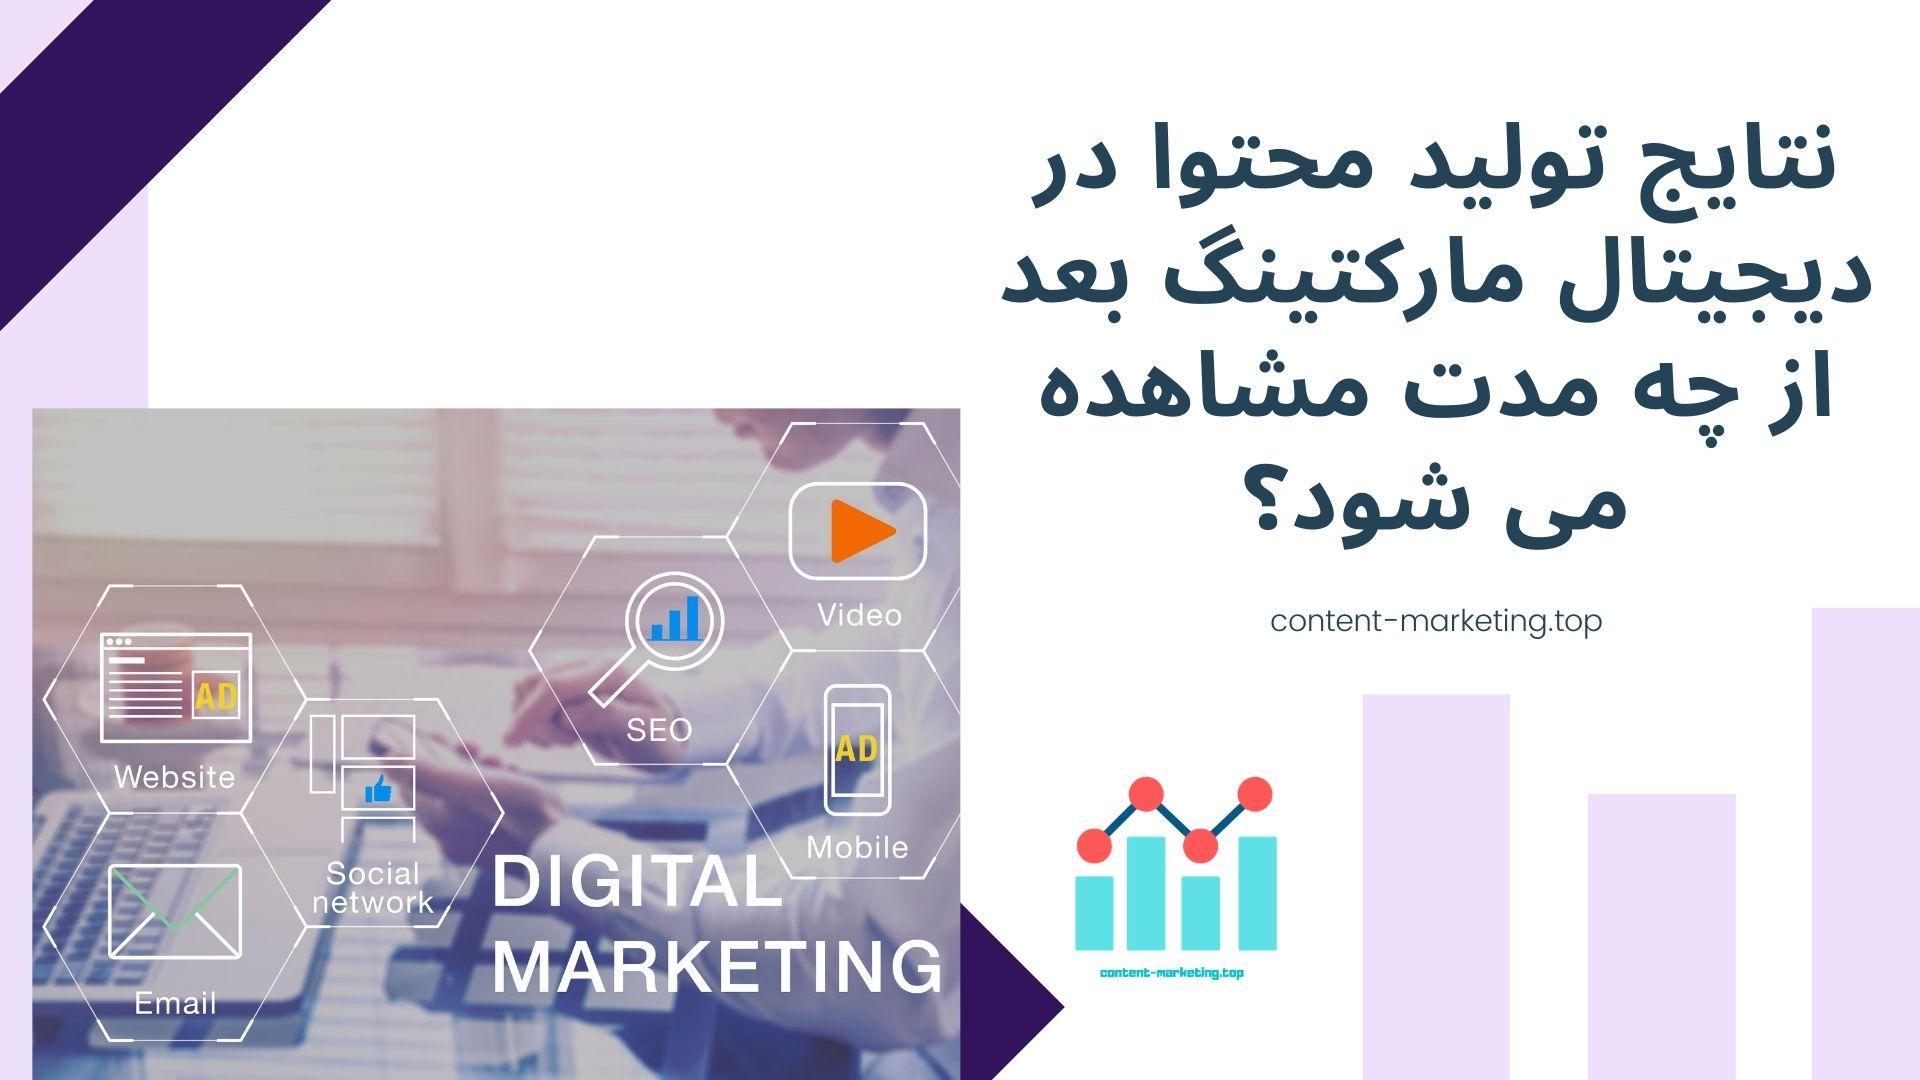 نتایج تولید محتوا در دیجیتال مارکتینگ بعد از چه مدت مشاهده می شود؟